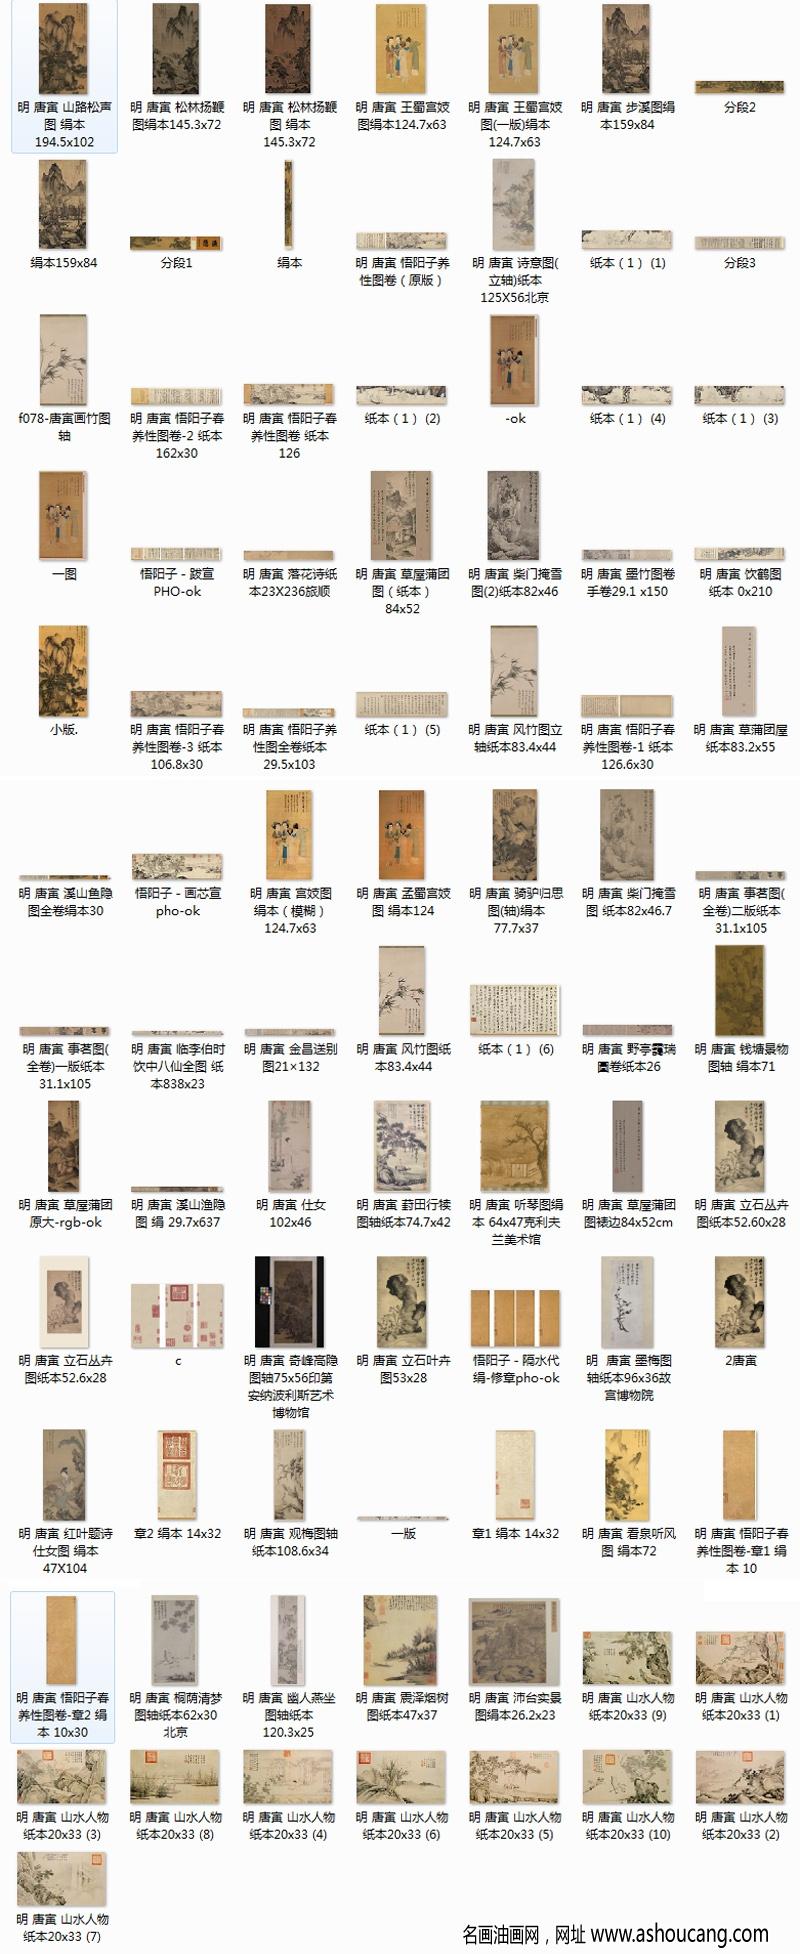 唐寅唐伯虎国画超高清合集百度云网盘下载